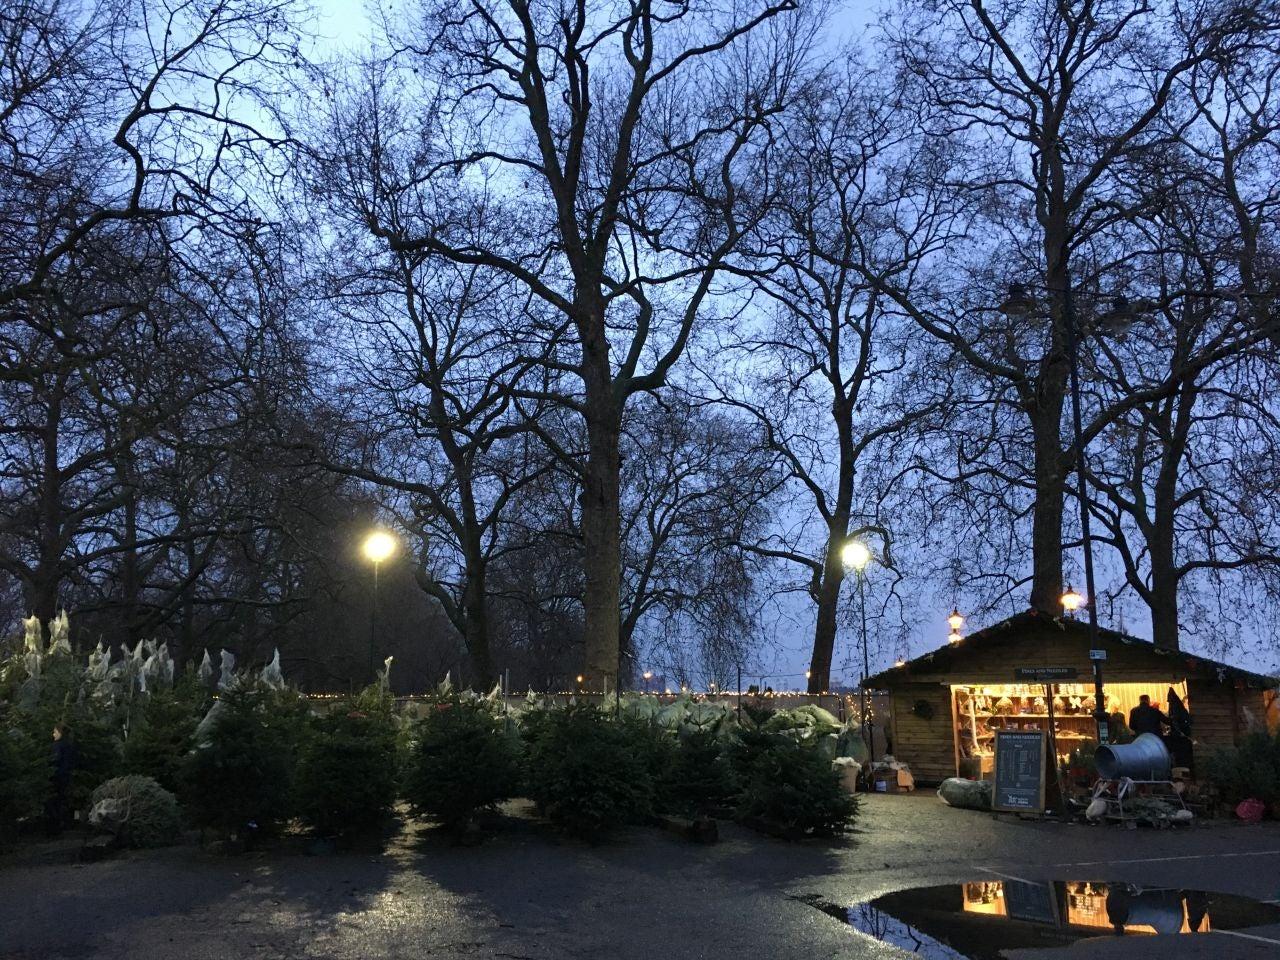 photo etonline - Christmas Tree Shopping